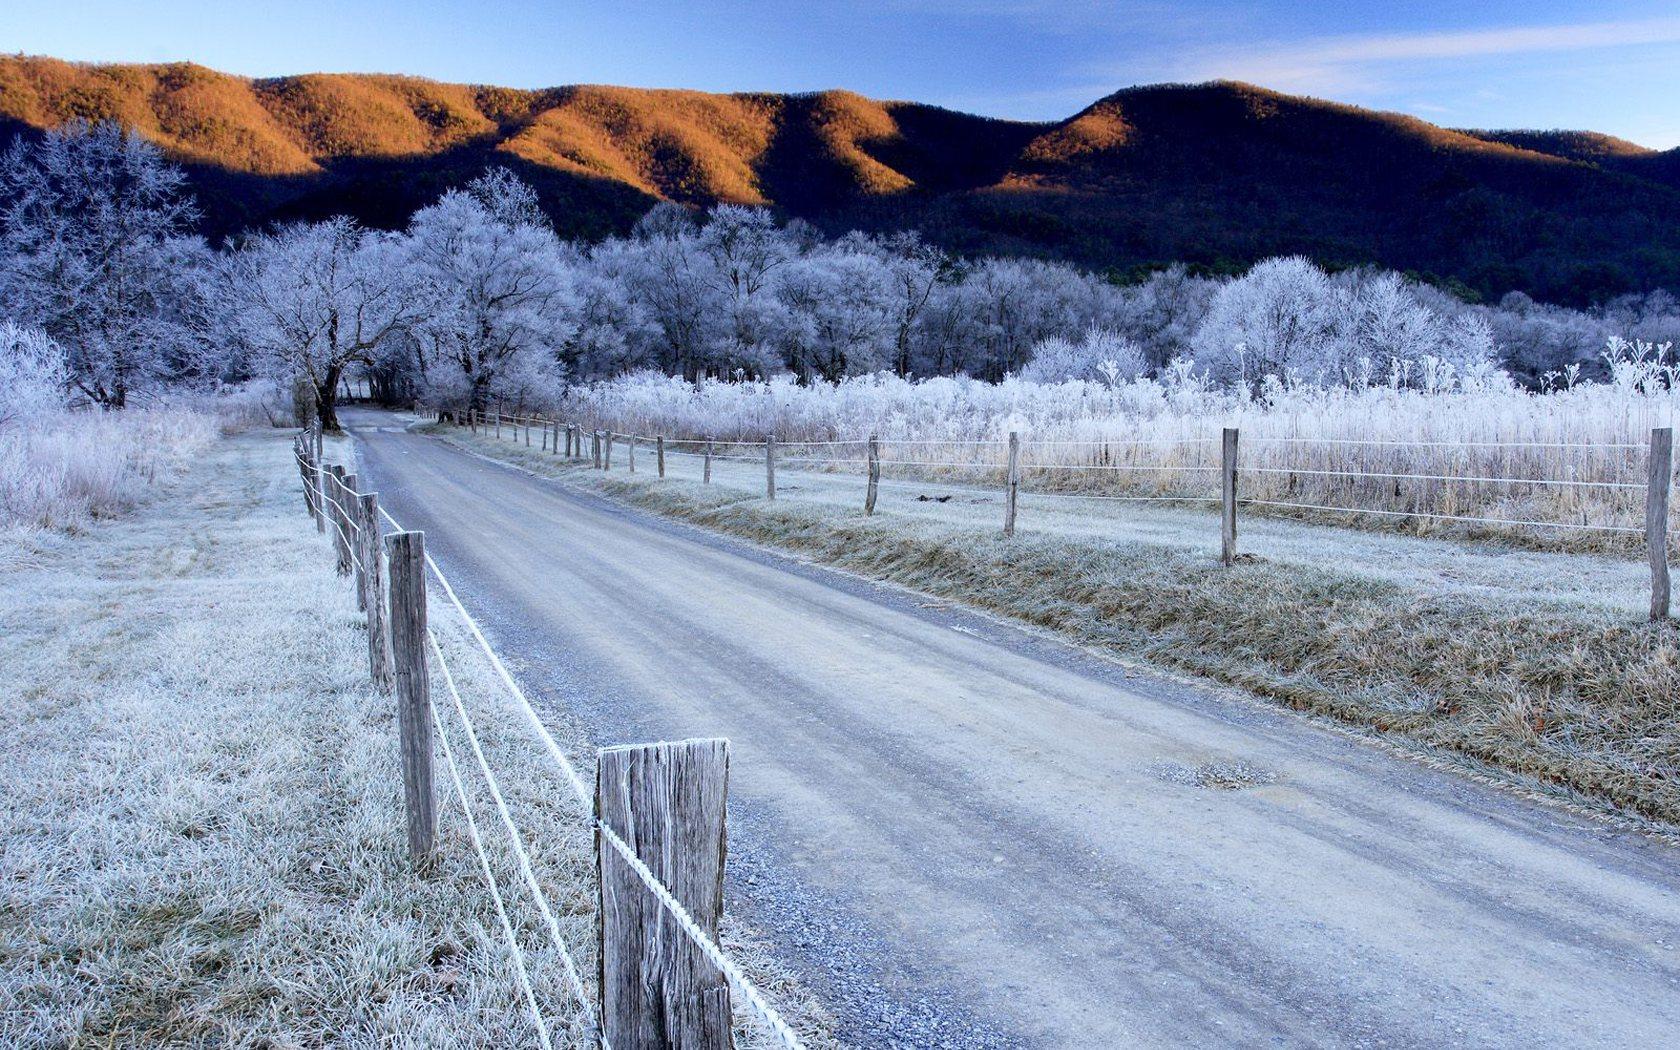 壁纸1680×1050田纳西州 大烟山国家公园冬季壁纸壁纸 文化之旅地理人文景观一壁纸图片人文壁纸人文图片素材桌面壁纸